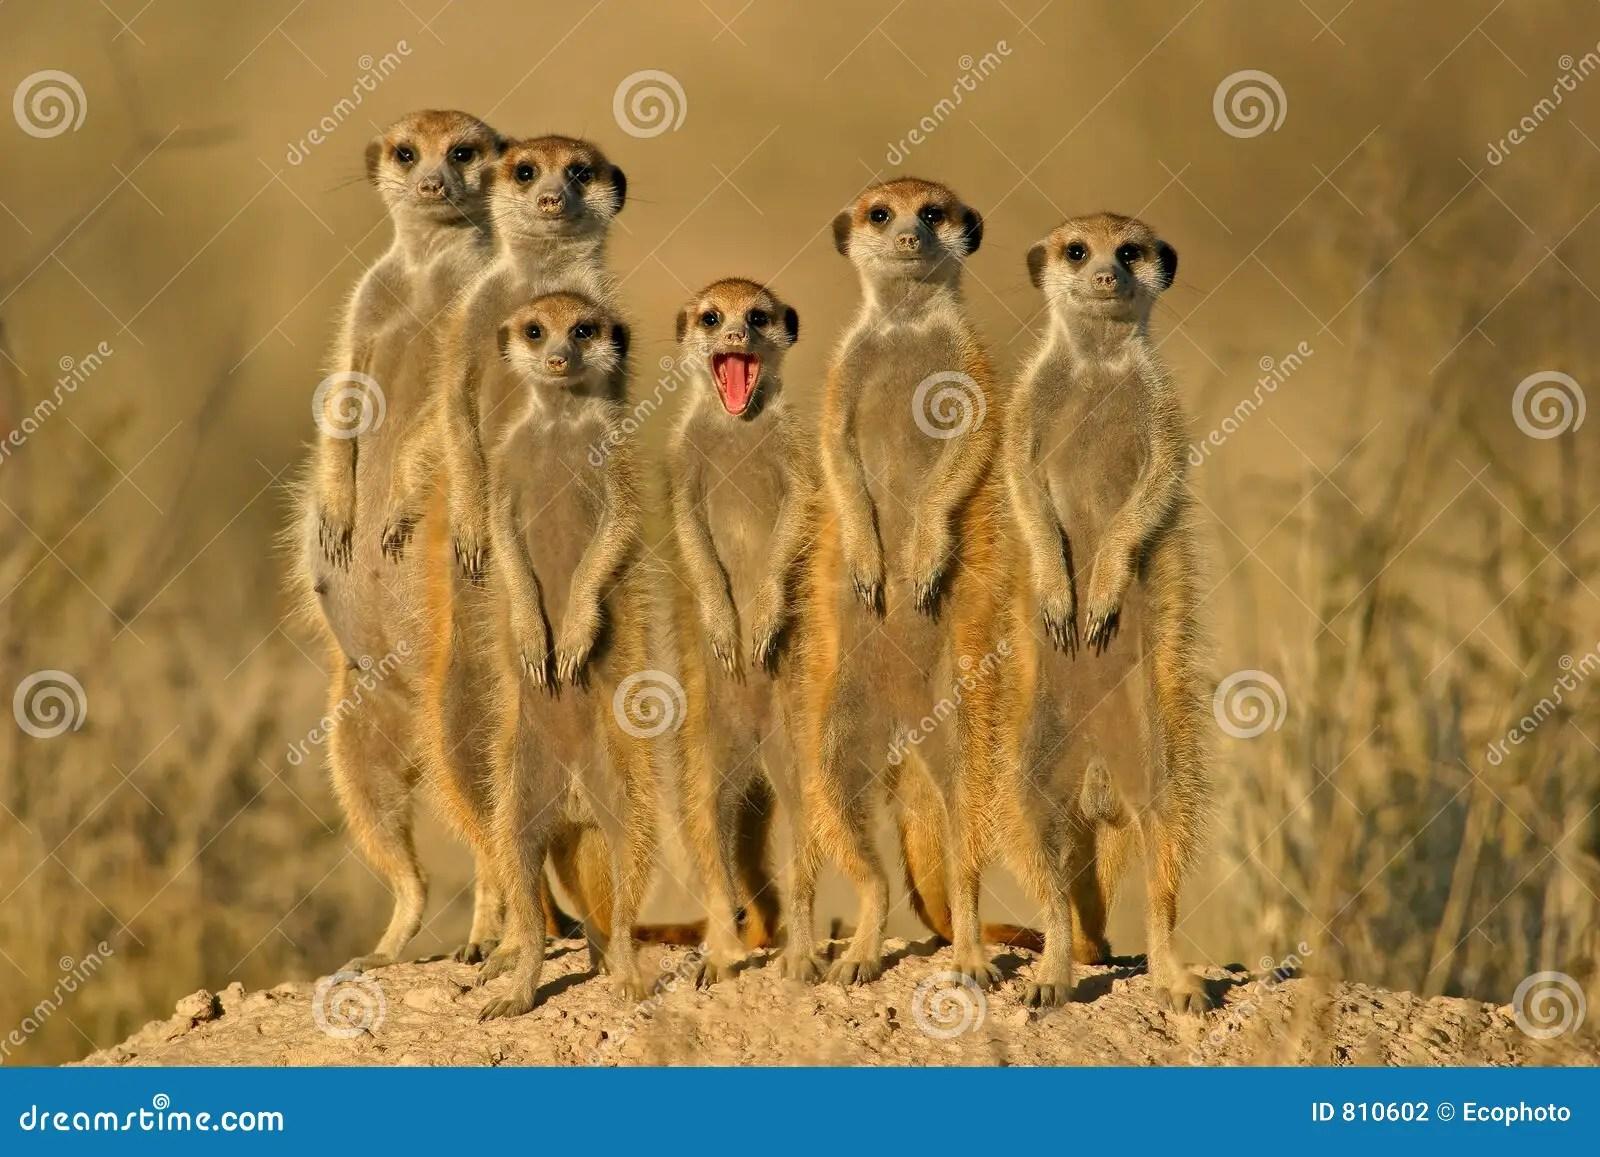 Bing Fall Wallpaper Meerkat Suricate Family Kalahari South Africa Stock